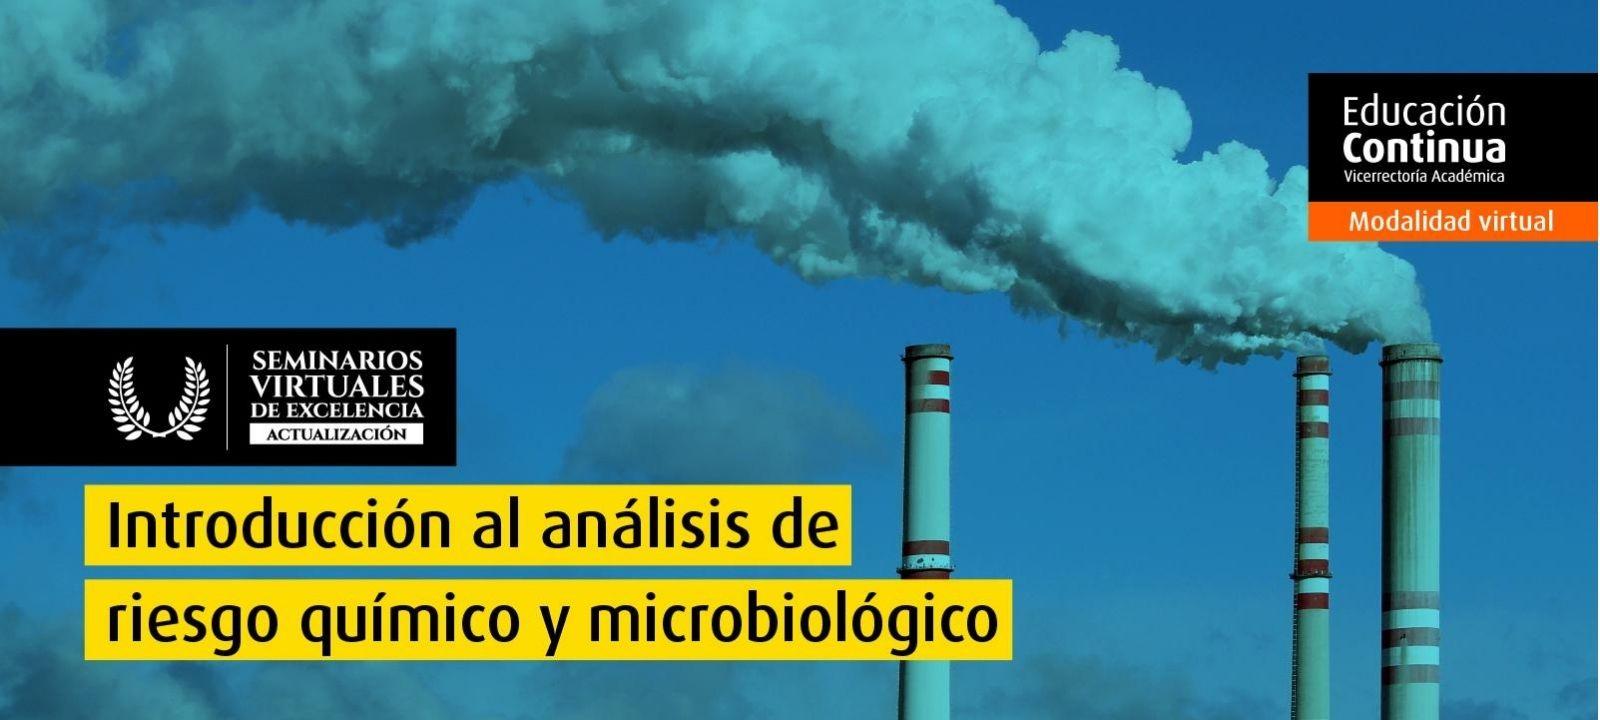 Curso virtual - Introducción al análisis de riesgo químico y microbiológico